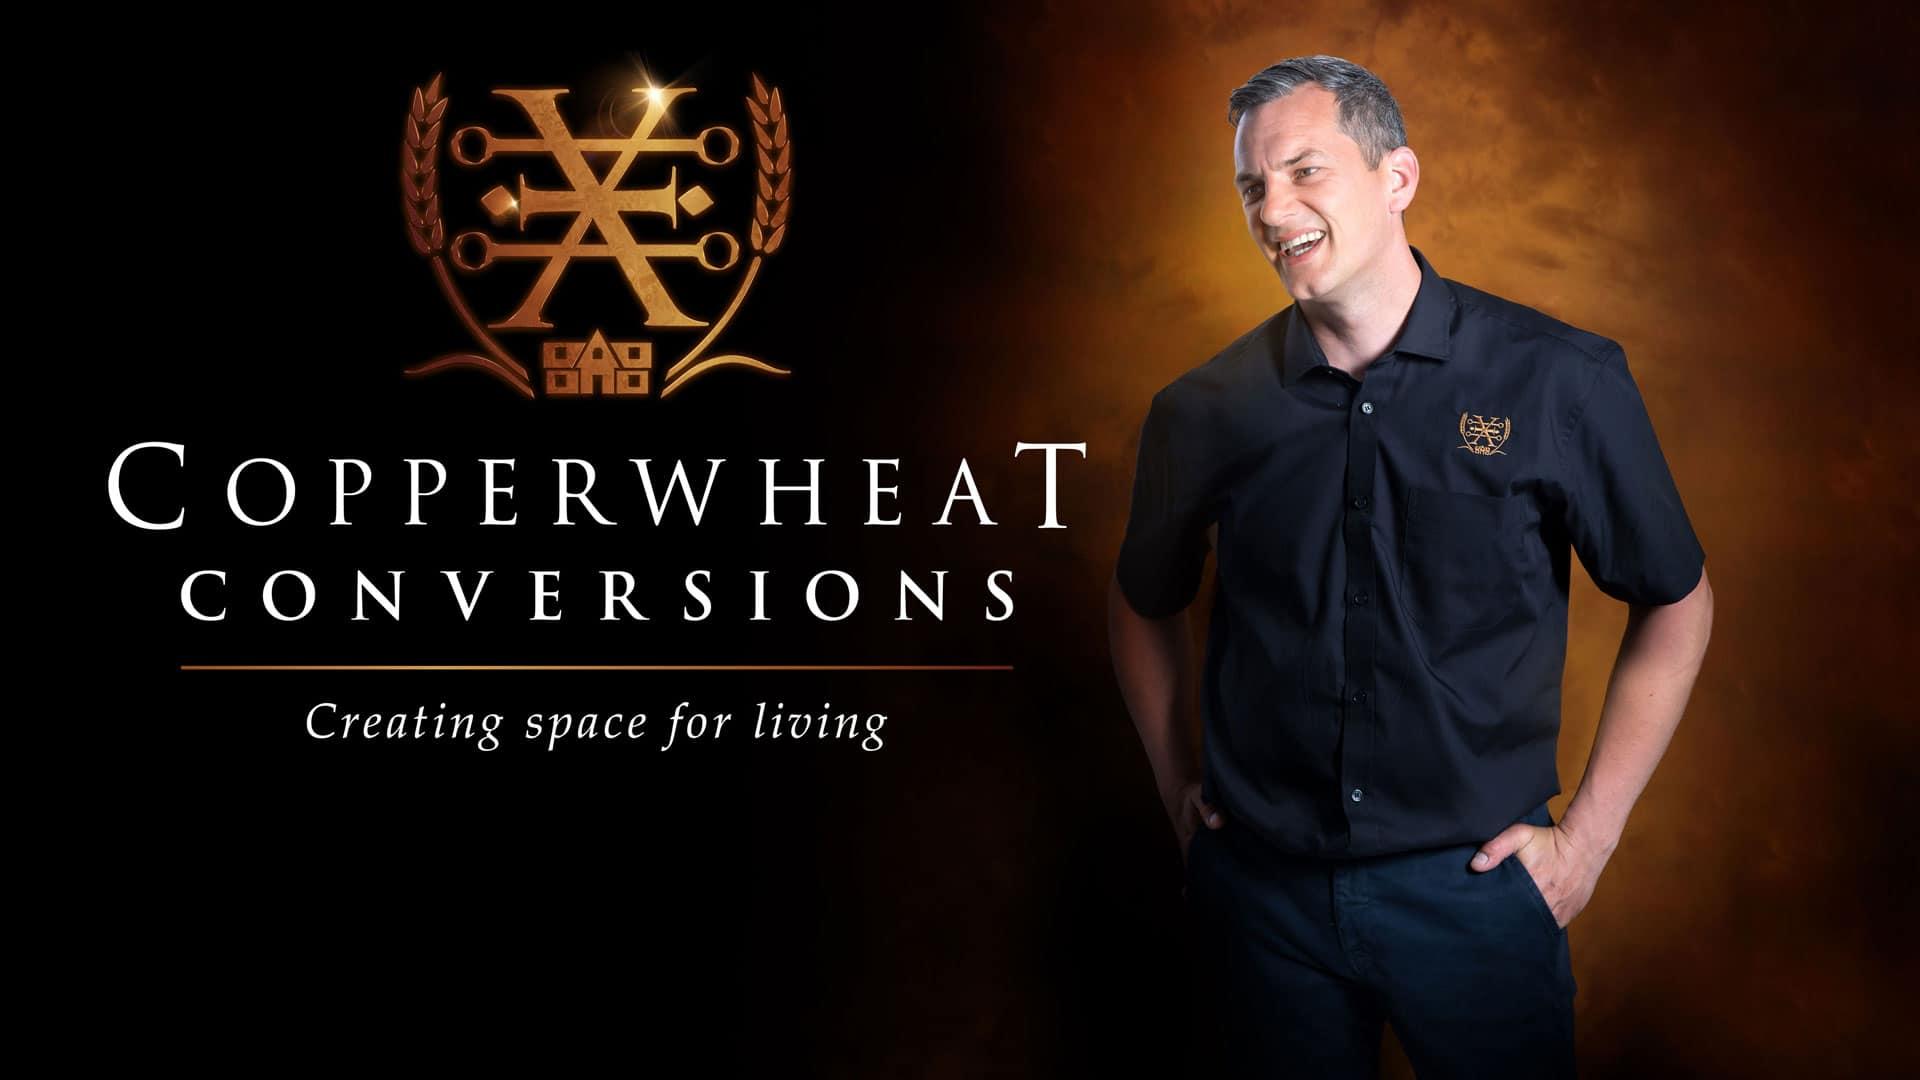 Richard Copperwheat professional photo